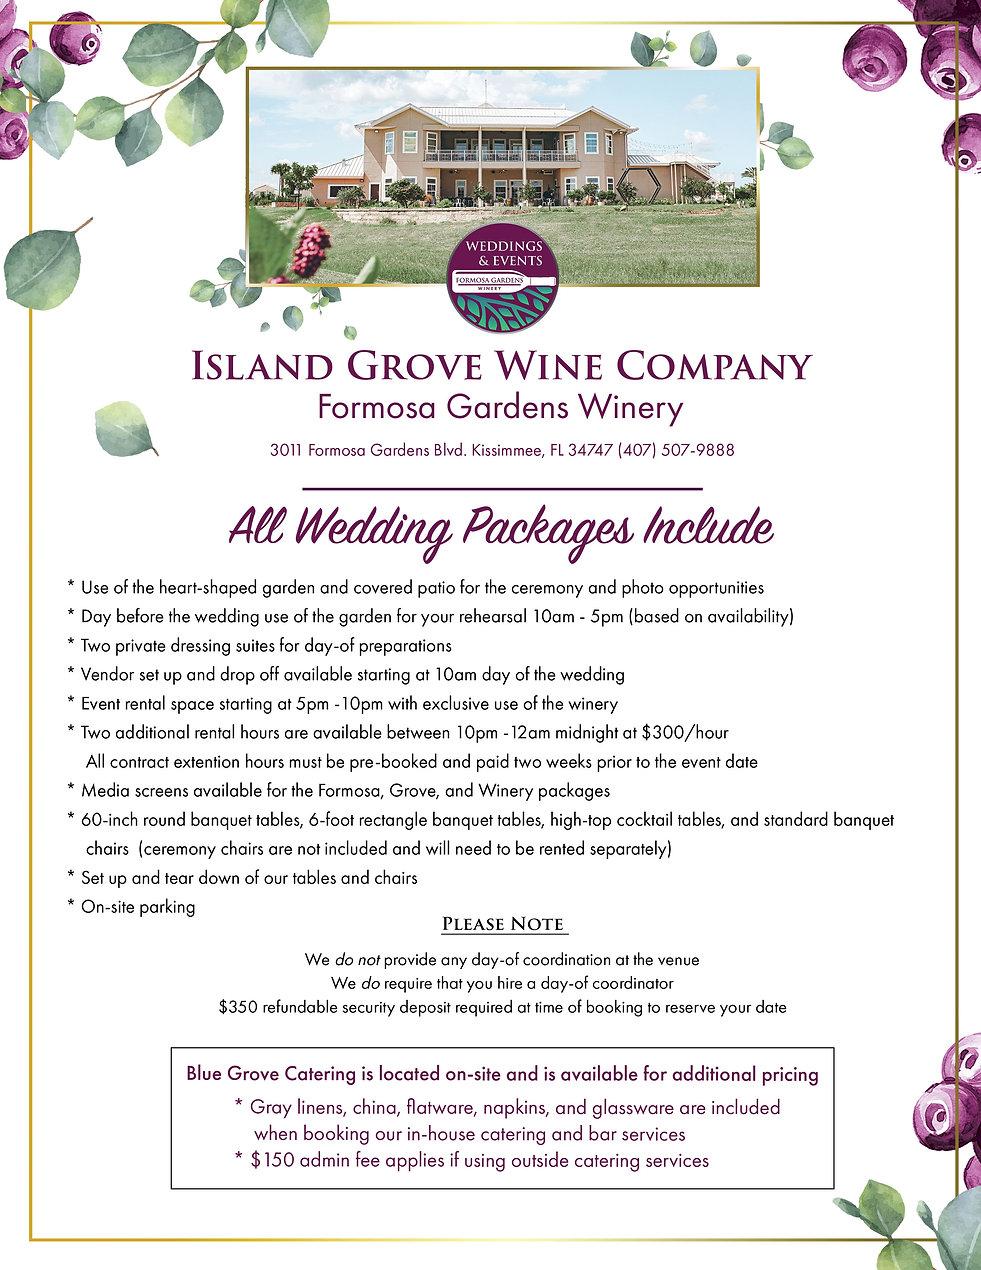 Wedding packages compressedPage 1.jpg